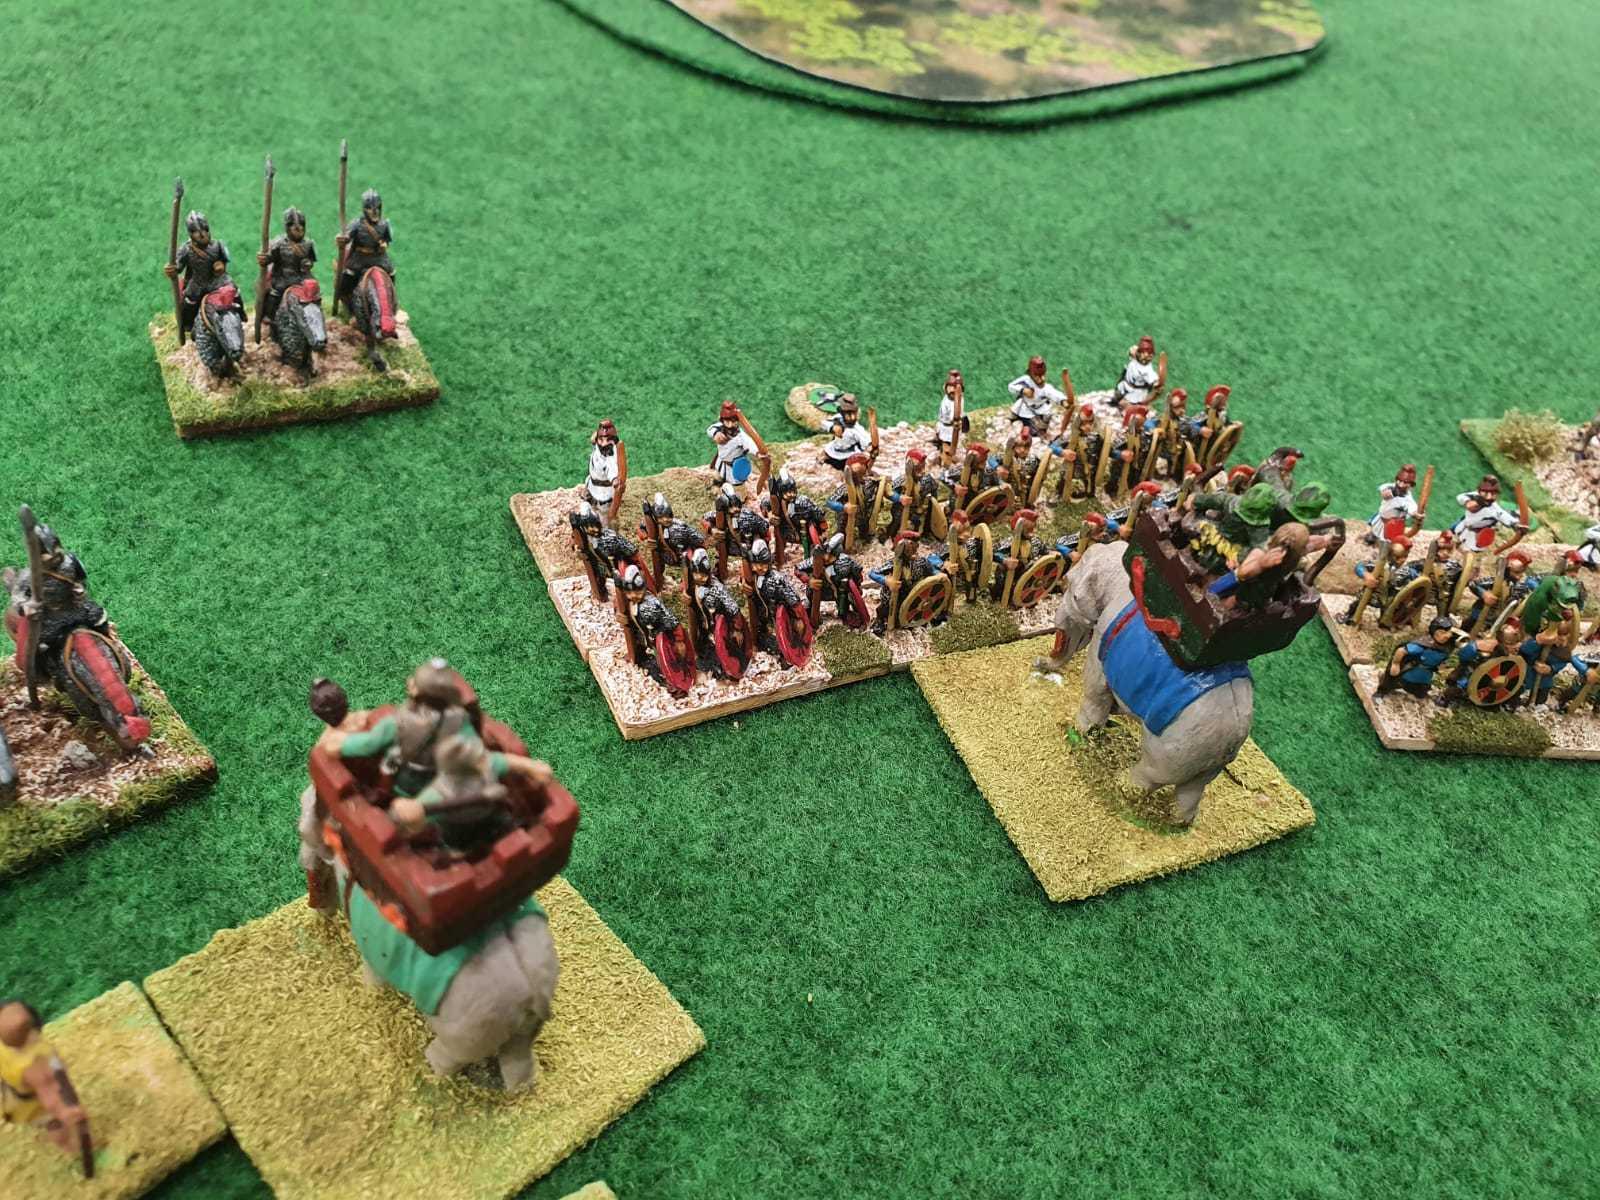 Les éléphants Séleucides tentent d'enfoncer les lignes Romaines.